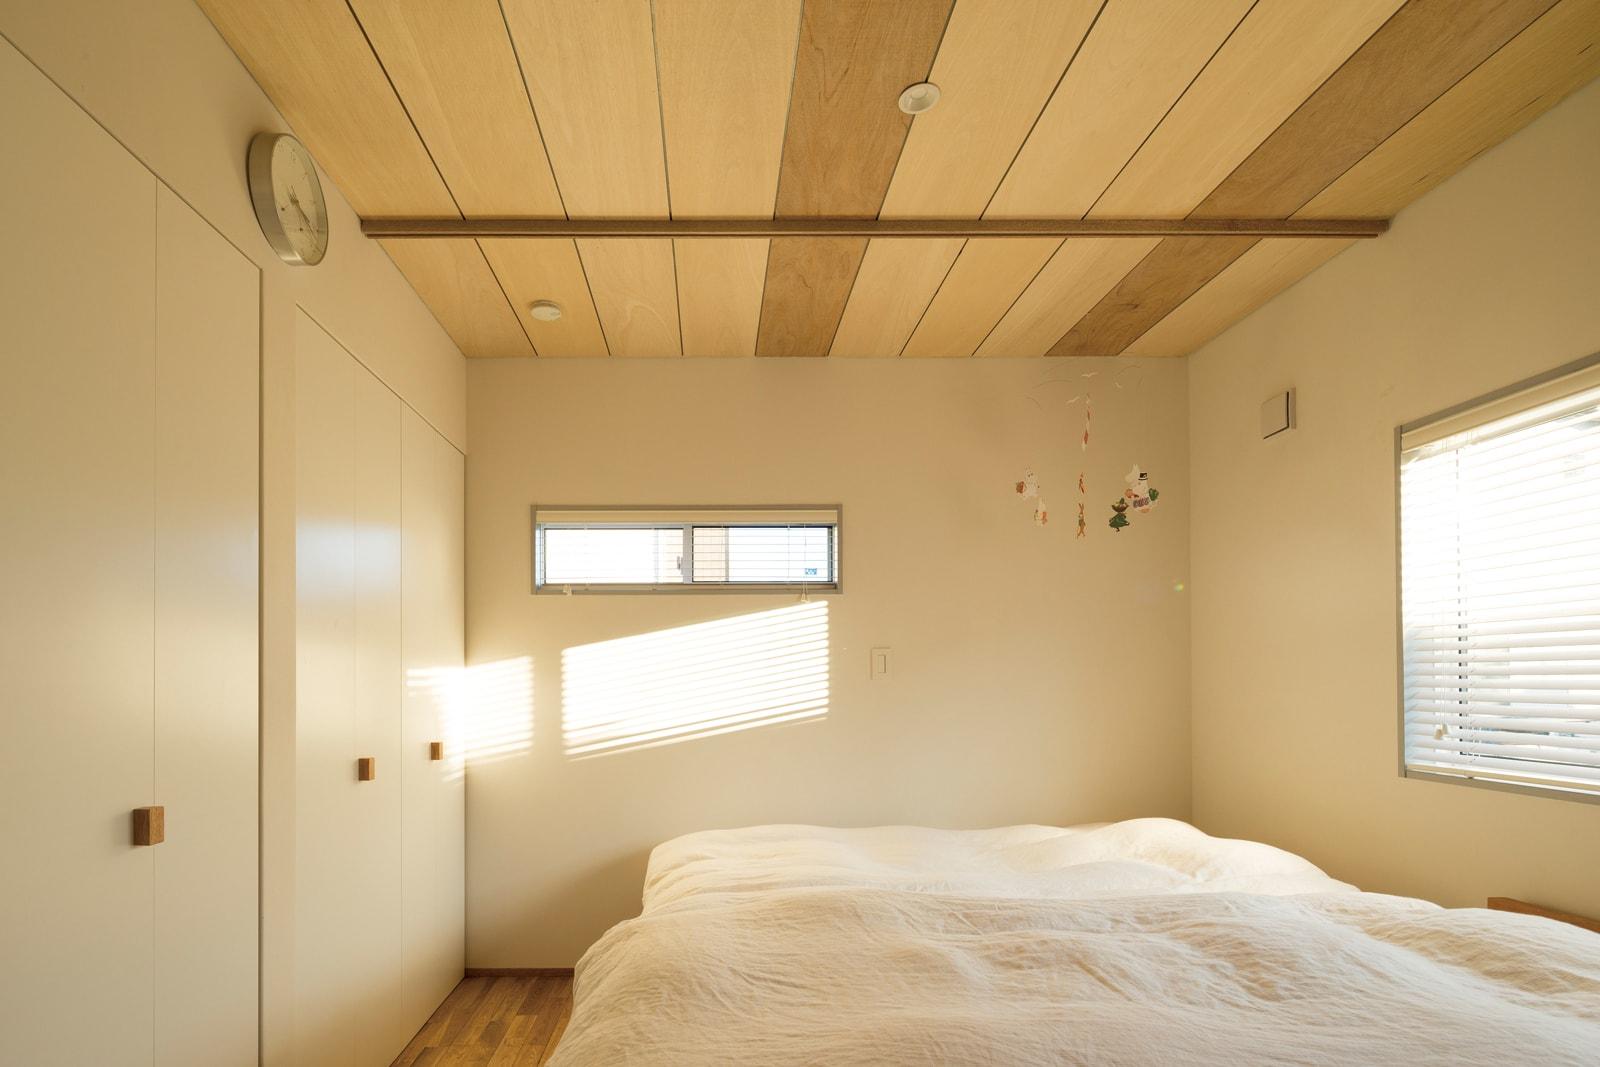 寝室は仕上げもシンプルで、陽の光が射し込む明るく落ち着いた雰囲気に